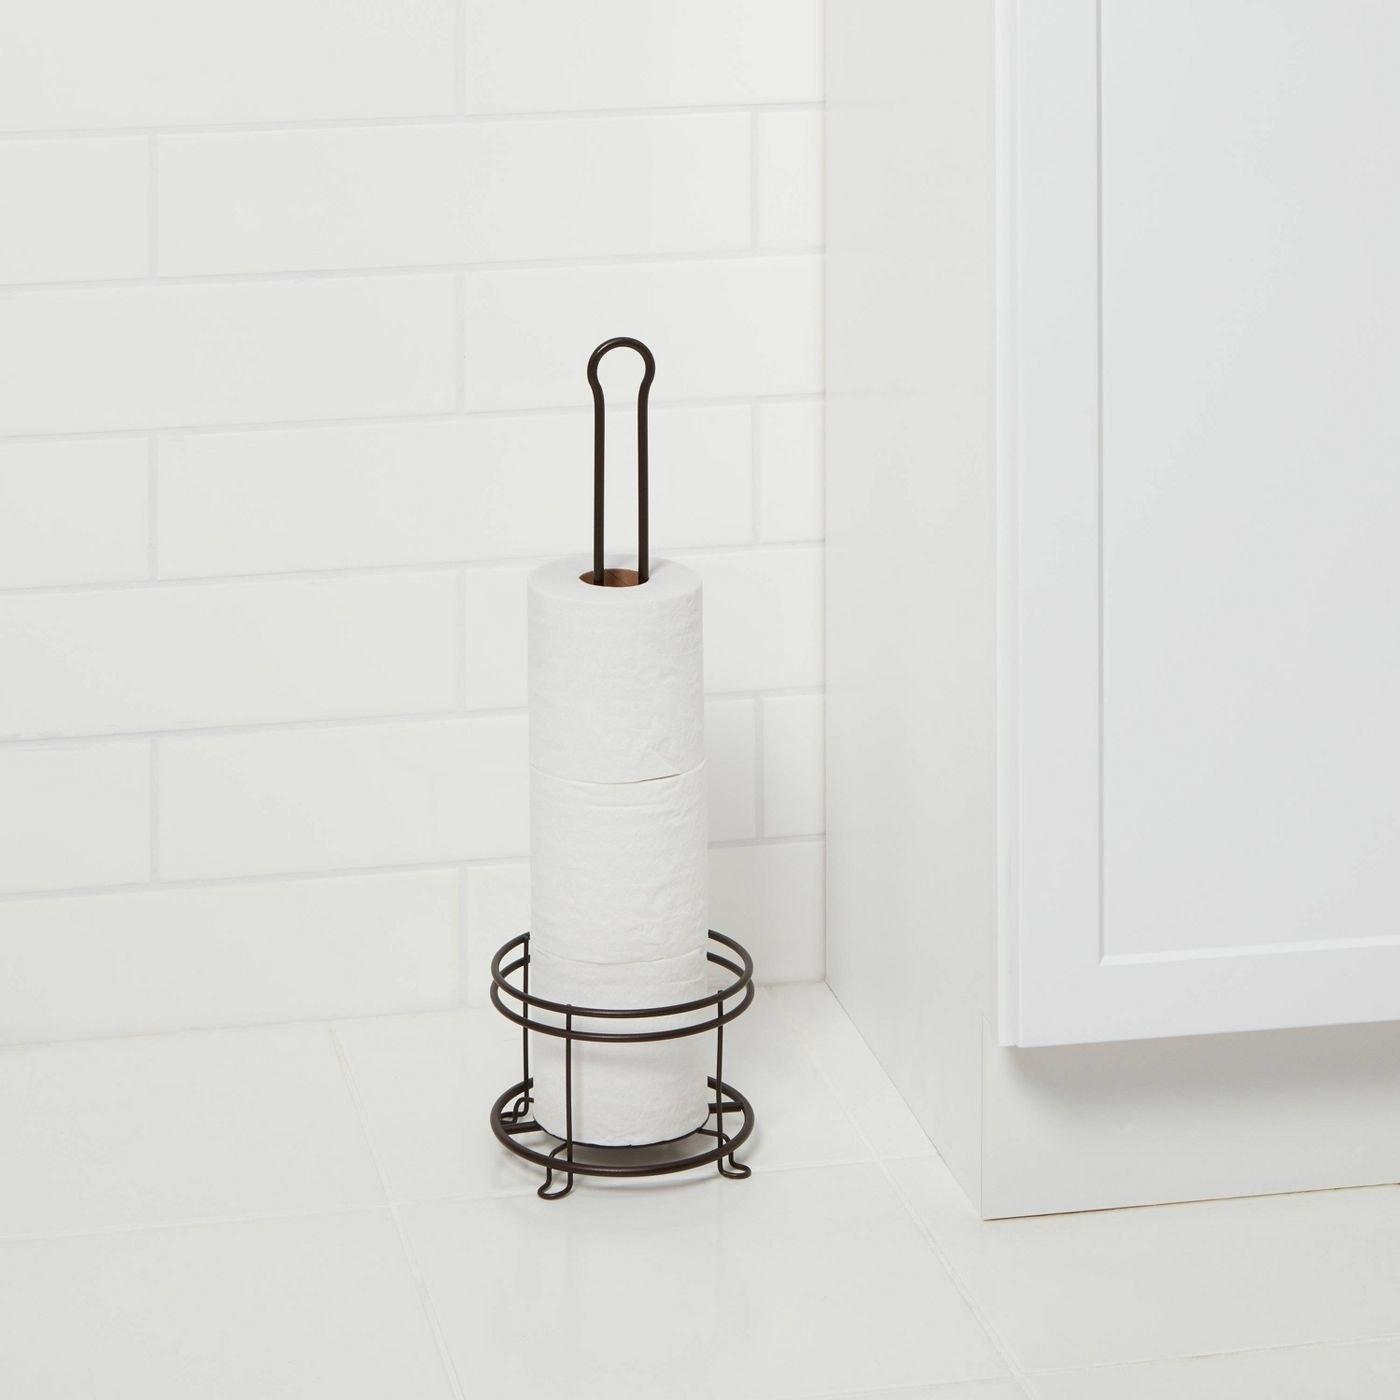 a matte black toilet paper holder